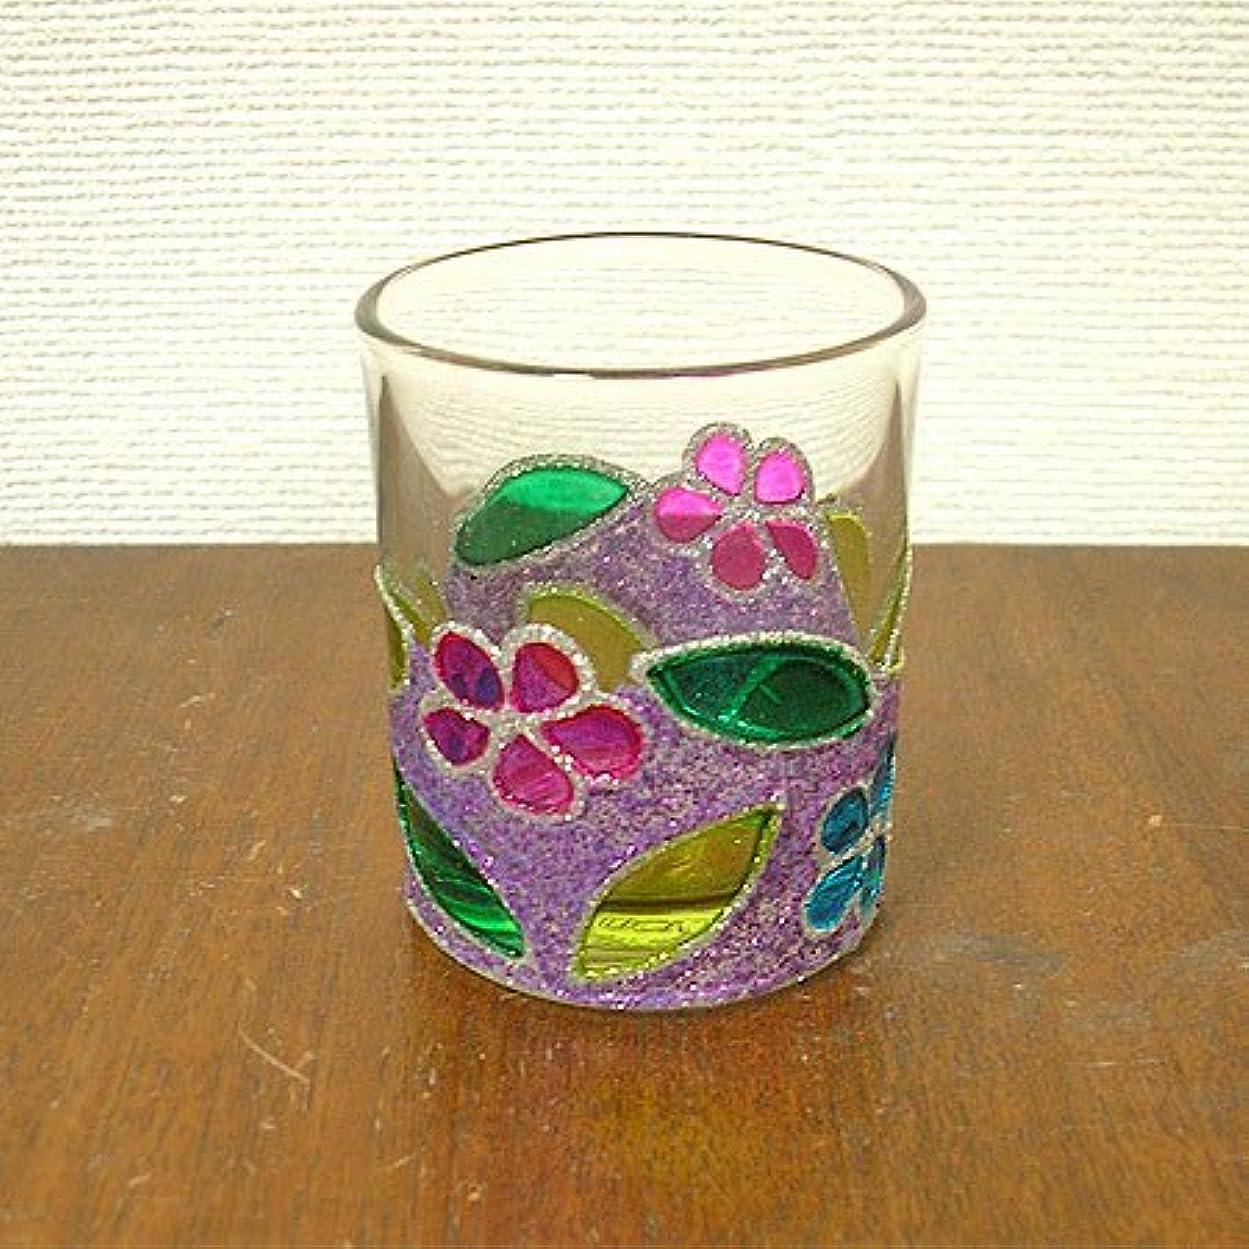 ハリウッド抑制する書き込みアジアン キャンドルホルダー カップ グラス 花柄 パープル アジアン雑貨